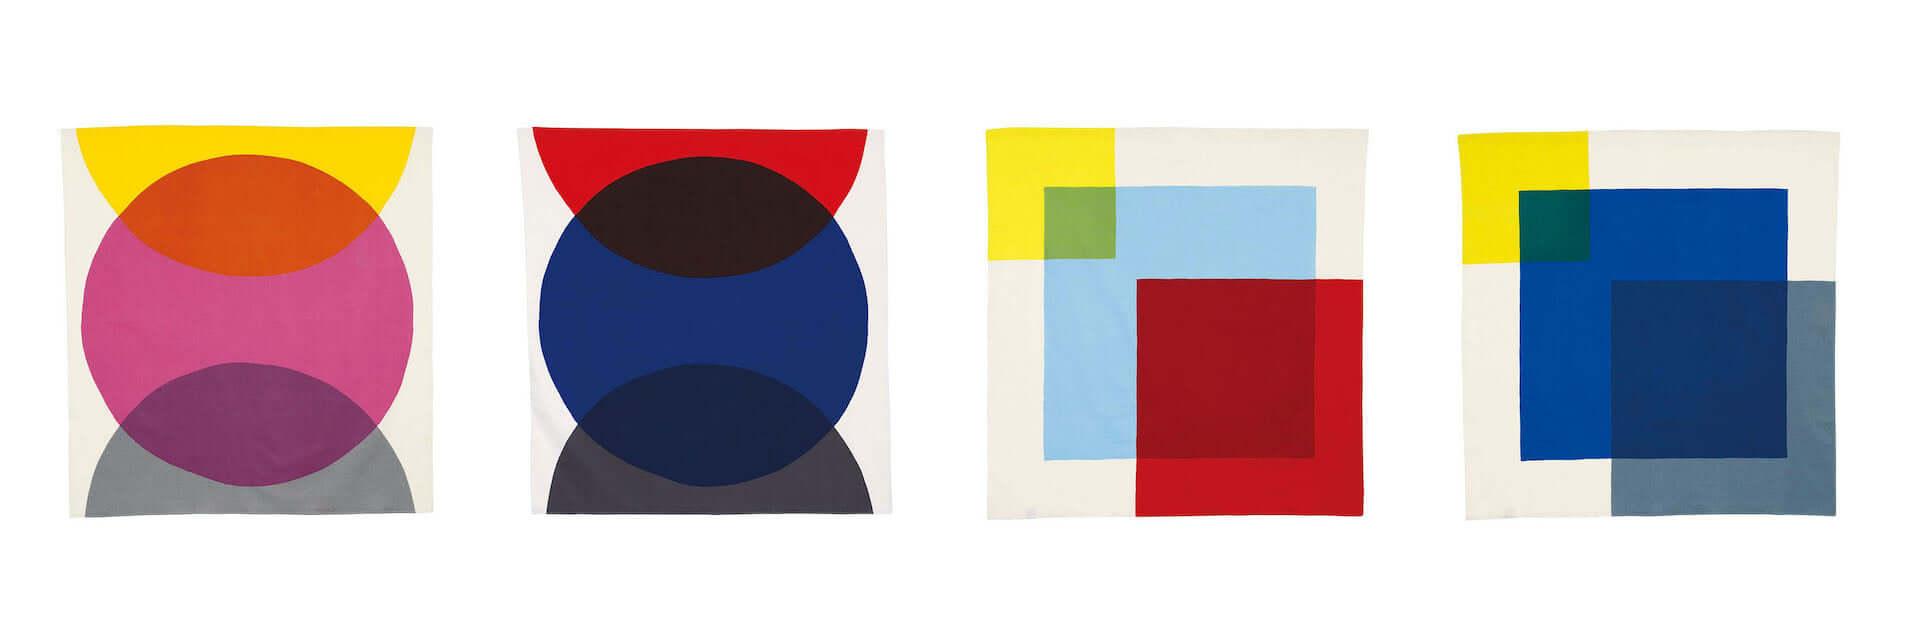 MoMA Design Storeによる日本発のグッドデザイン特集が公開!イサム・ノグチの照明、五十嵐威暢のトランプなど多数ラインナップ art210115_momastore_11-1920x640